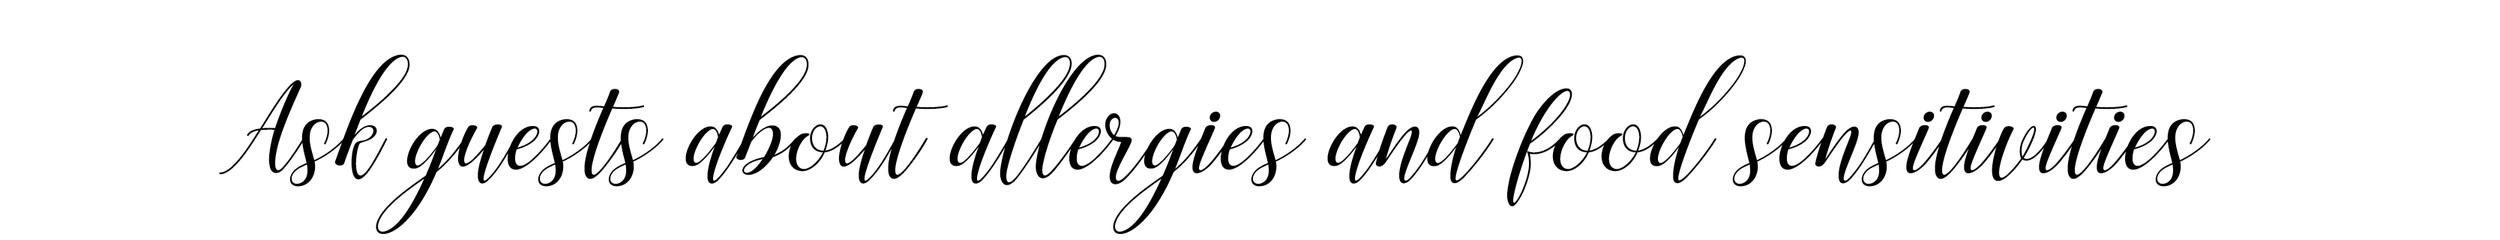 AskGuests.jpg